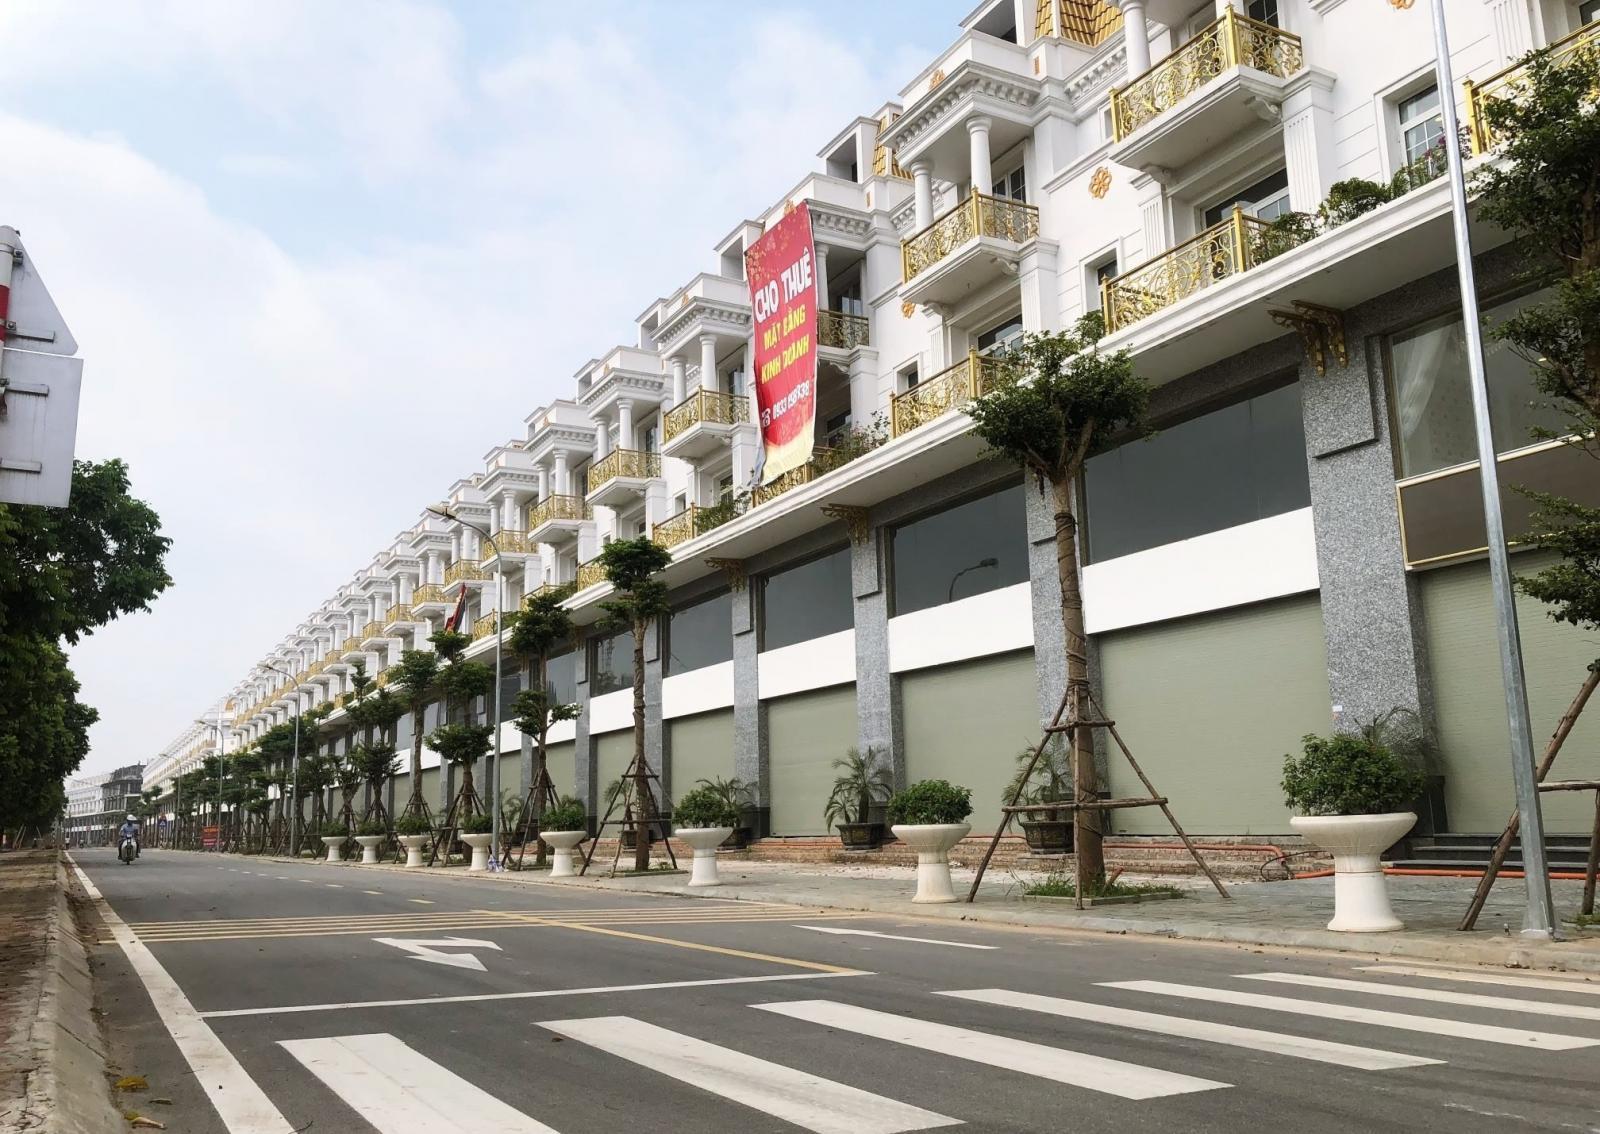 hình ảnh shophouse Hà Nội